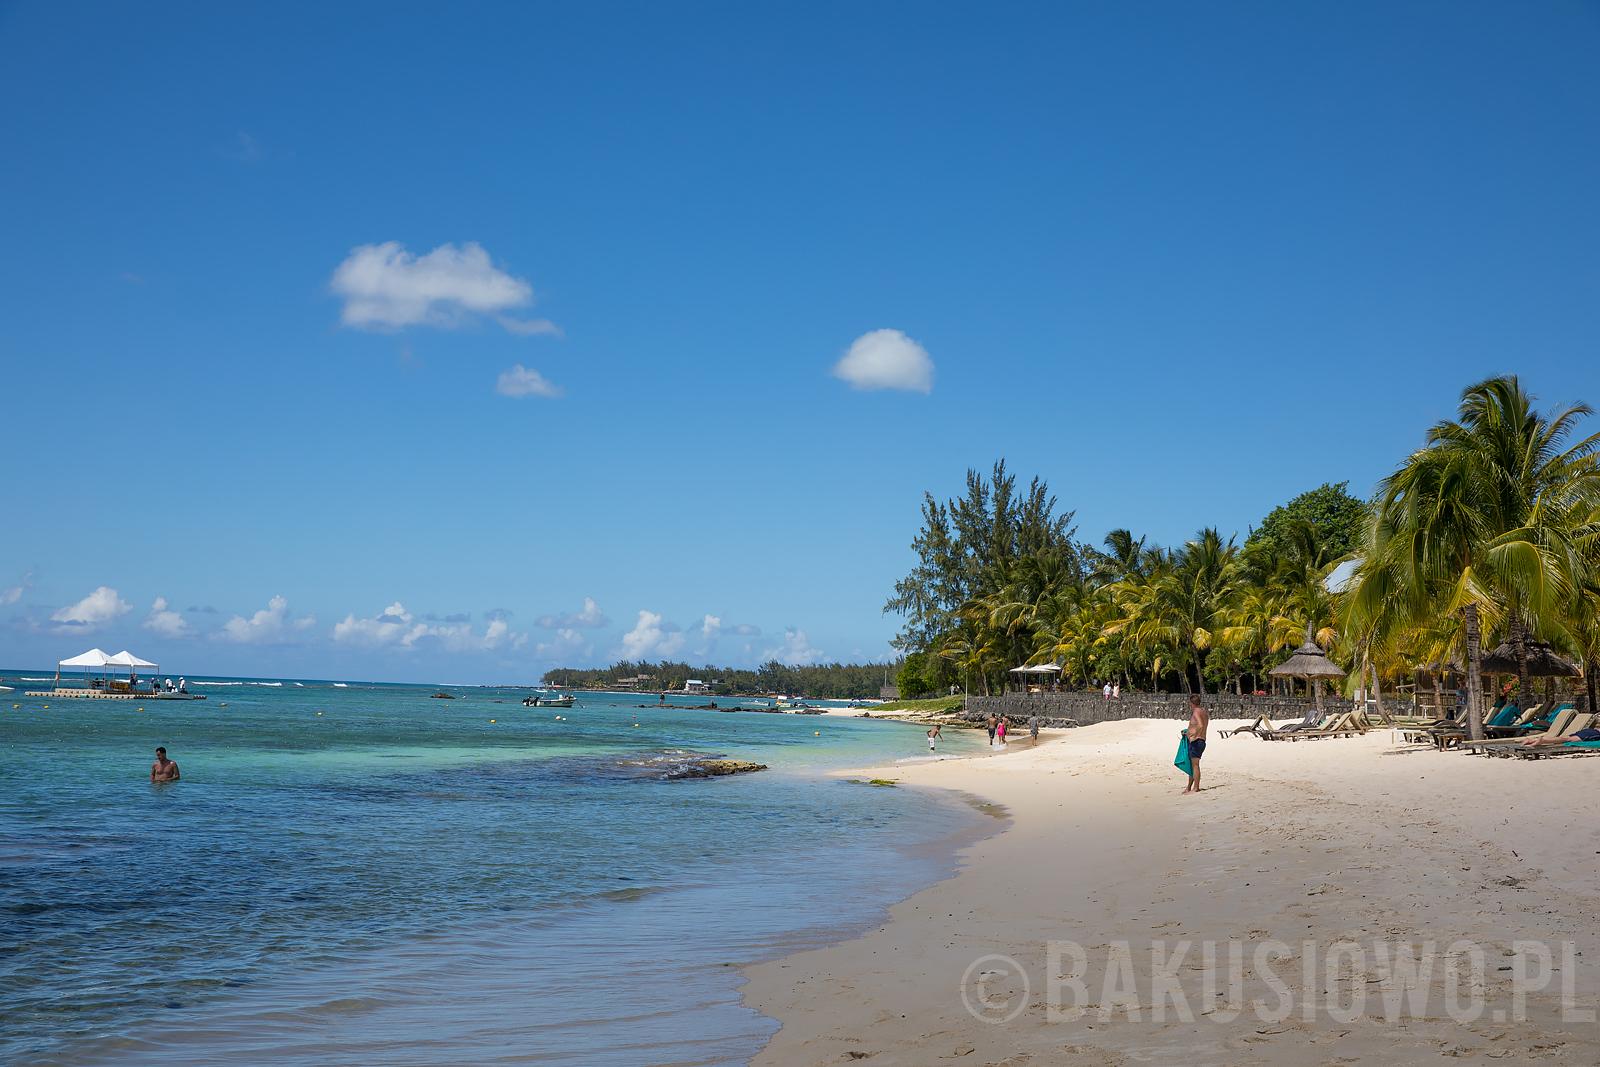 mauritius-le-meridien-photos-120